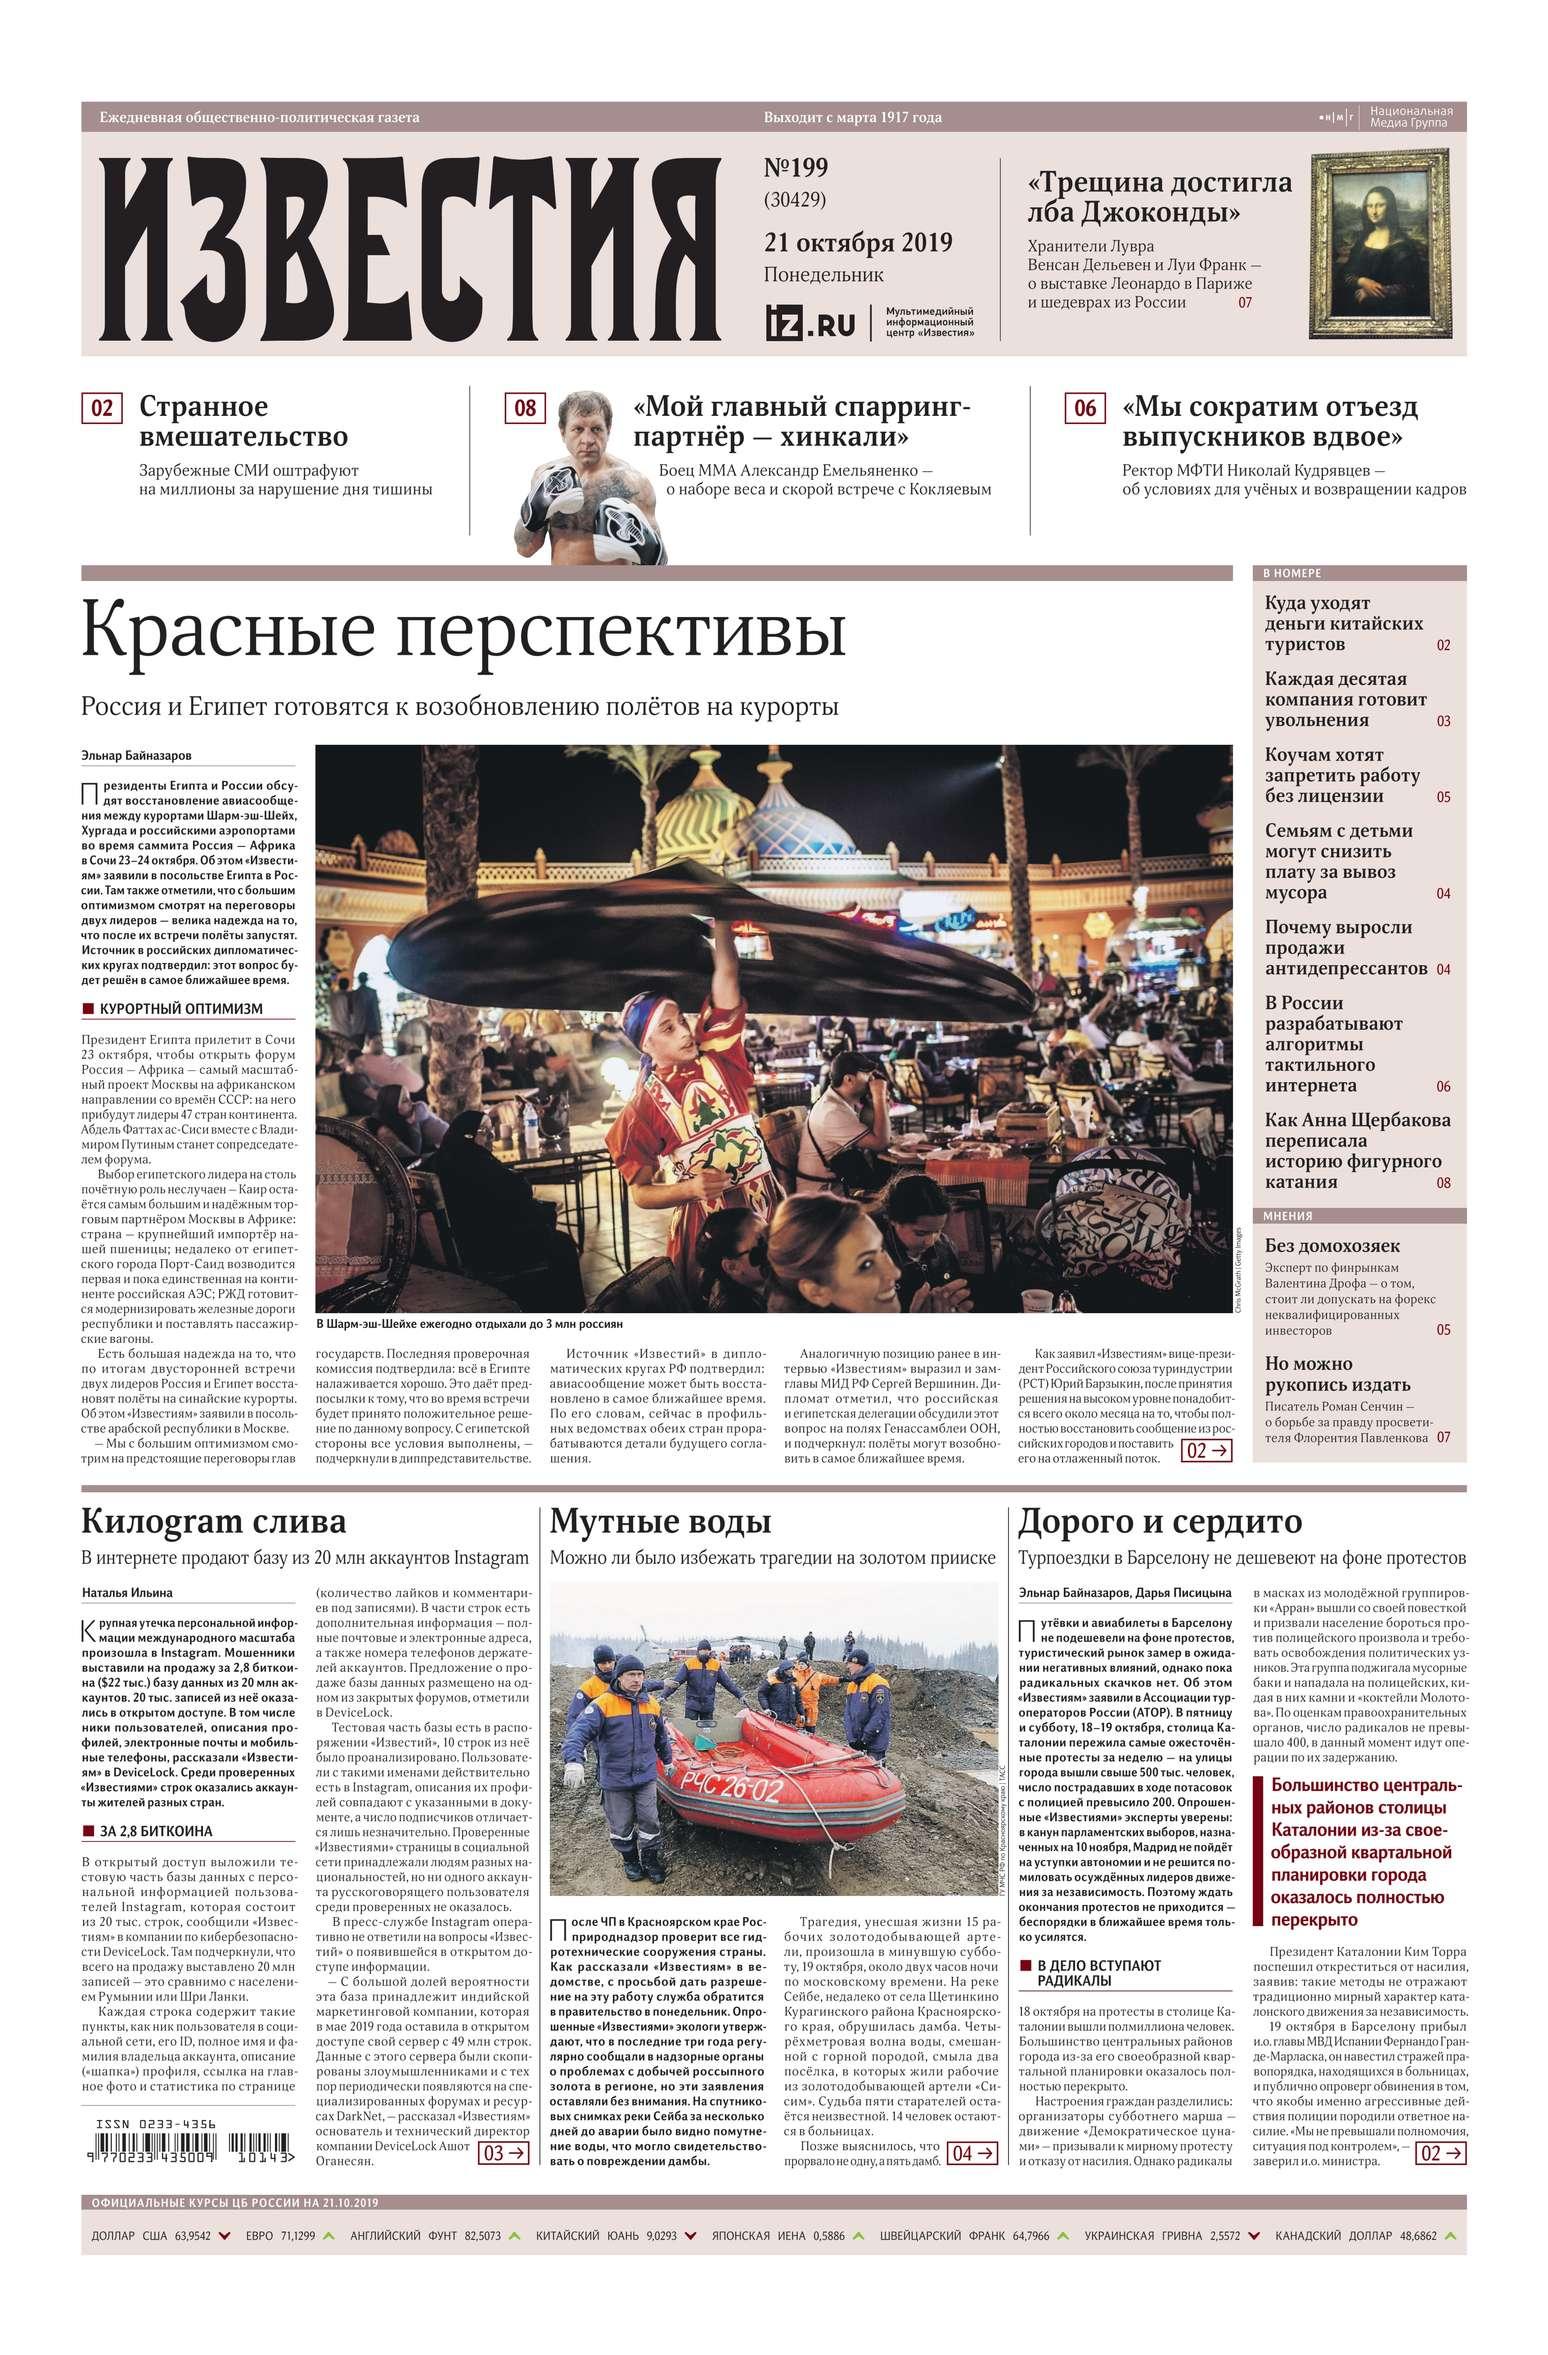 Известия 199-2019